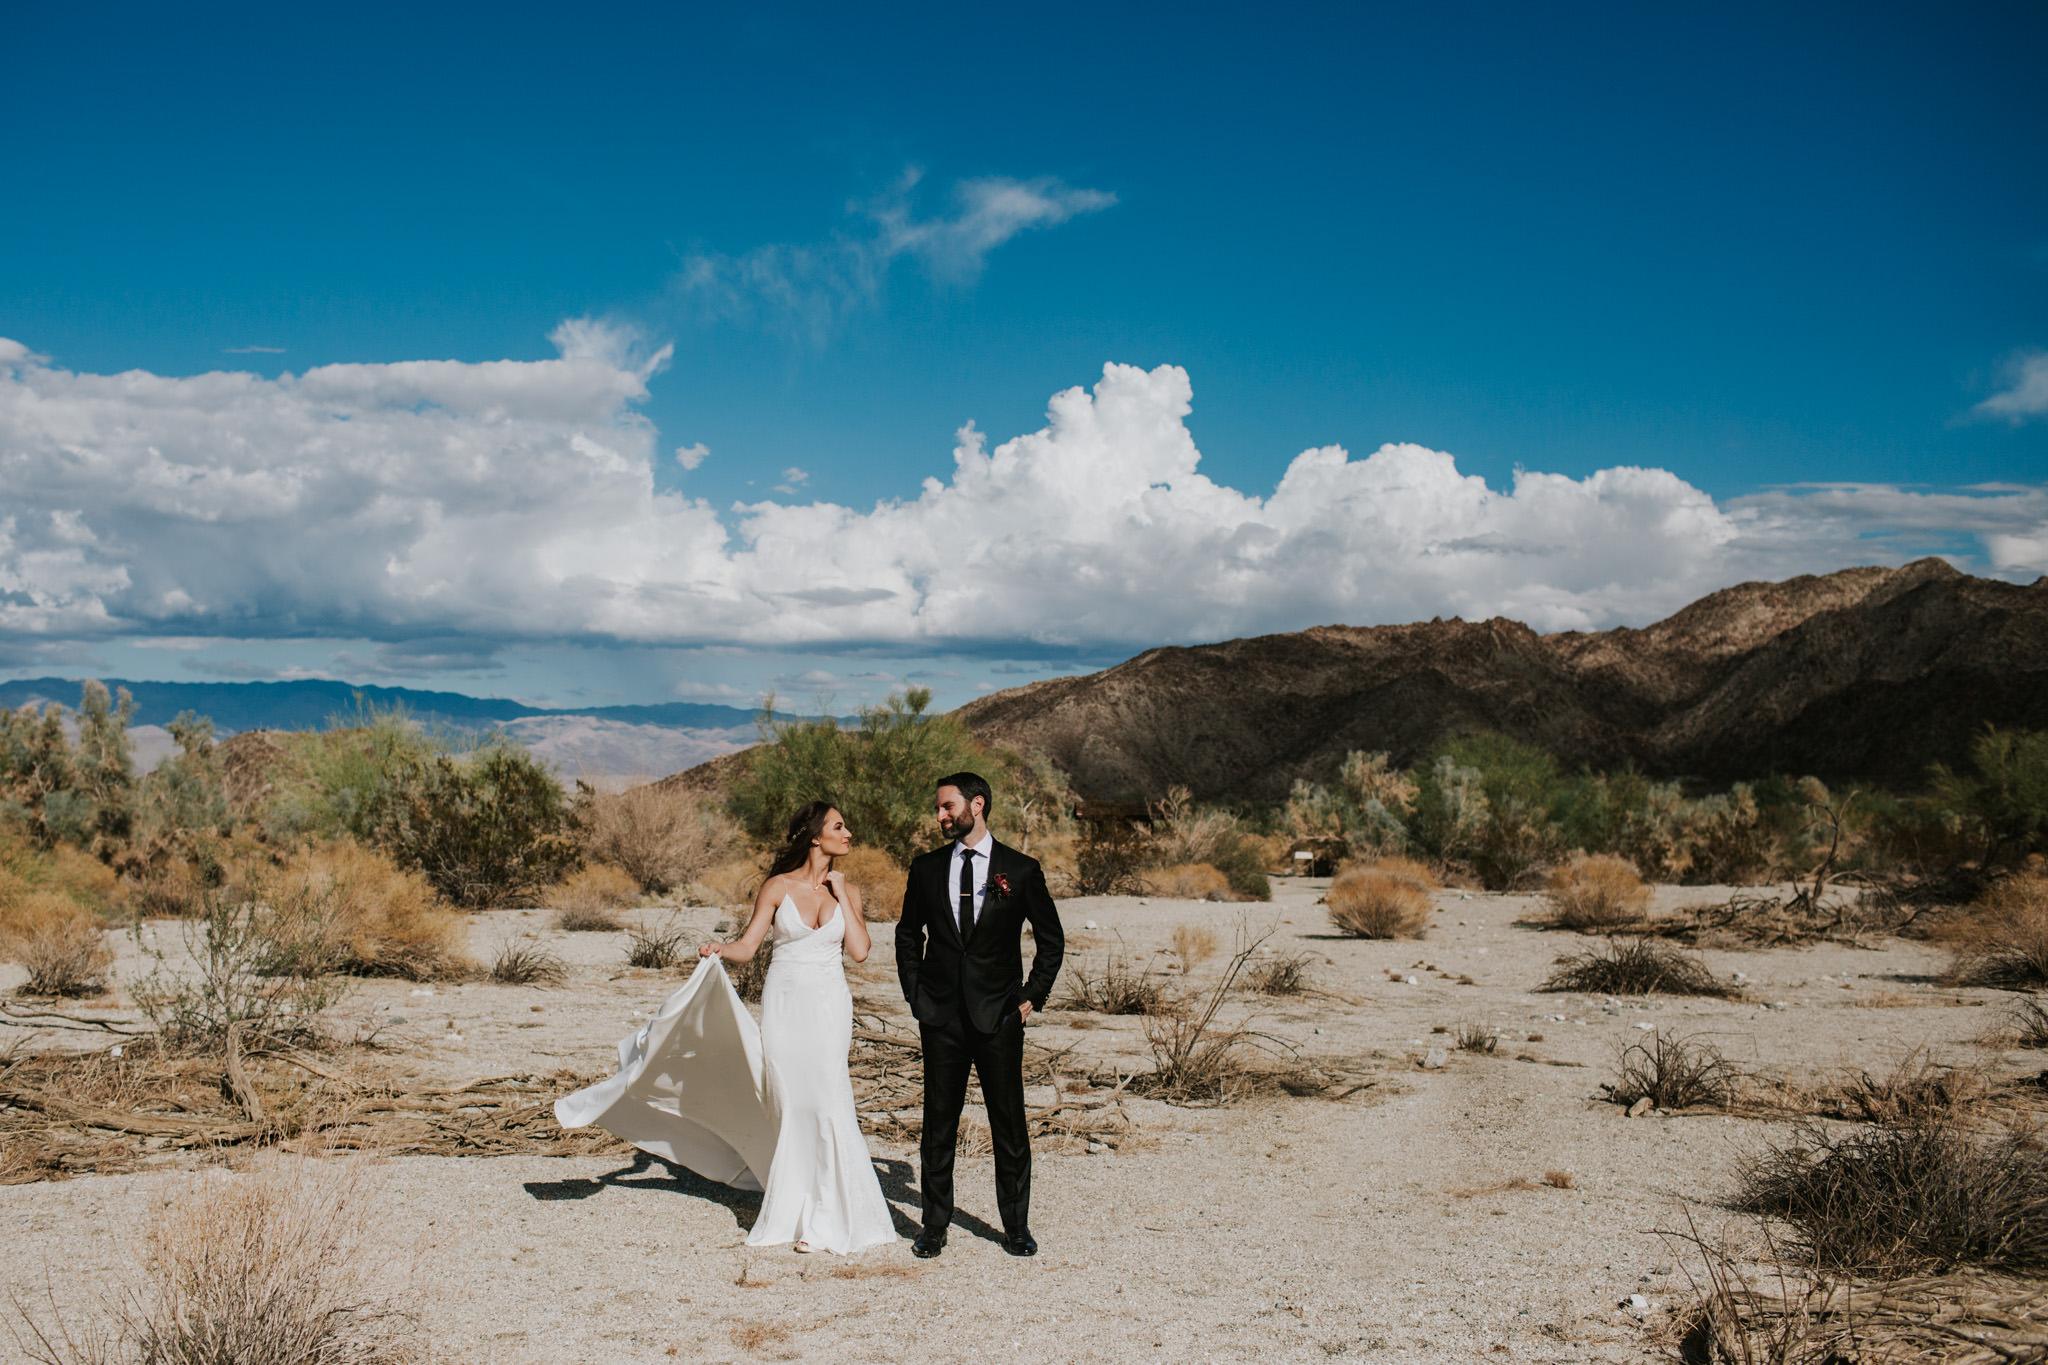 Wedding at The Living Desert in Palm Desert, California